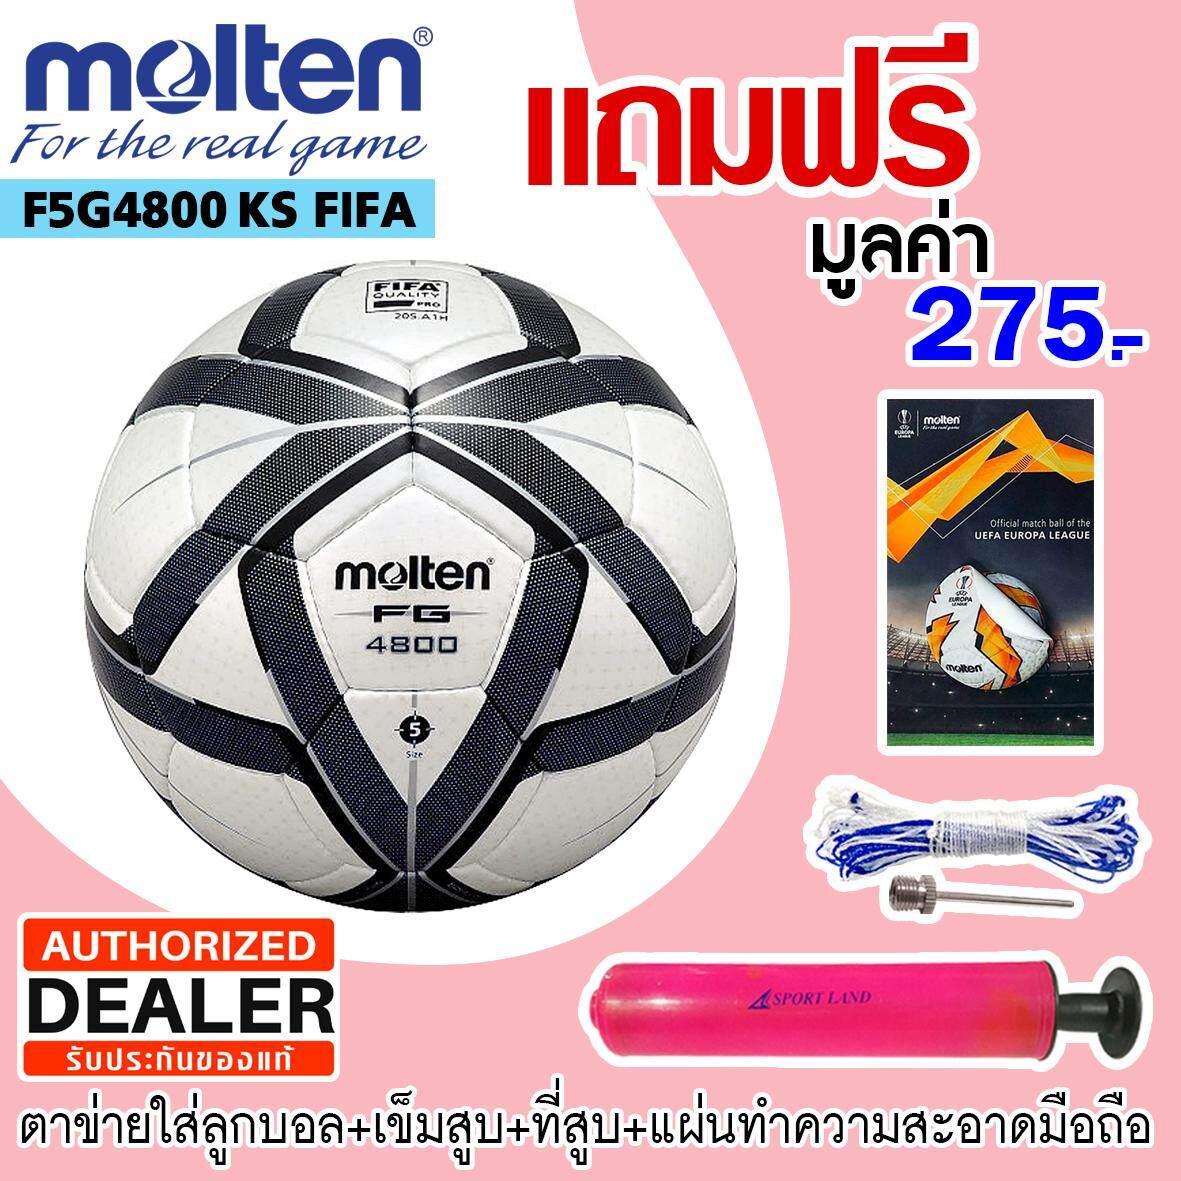 สอนใช้งาน  ราชบุรี MOLTEN ฟุตบอลหนังเย็บ มอลเทน Football HS-PU F5G4800-KS FIFA แถมฟรี ตาข่ายใส่ลูกฟุตบอล + เข็มสูบลม + สูบมือ SPL รุ่น SL6 สีชมพู + แผ่นทำความสะอาดมือถือ